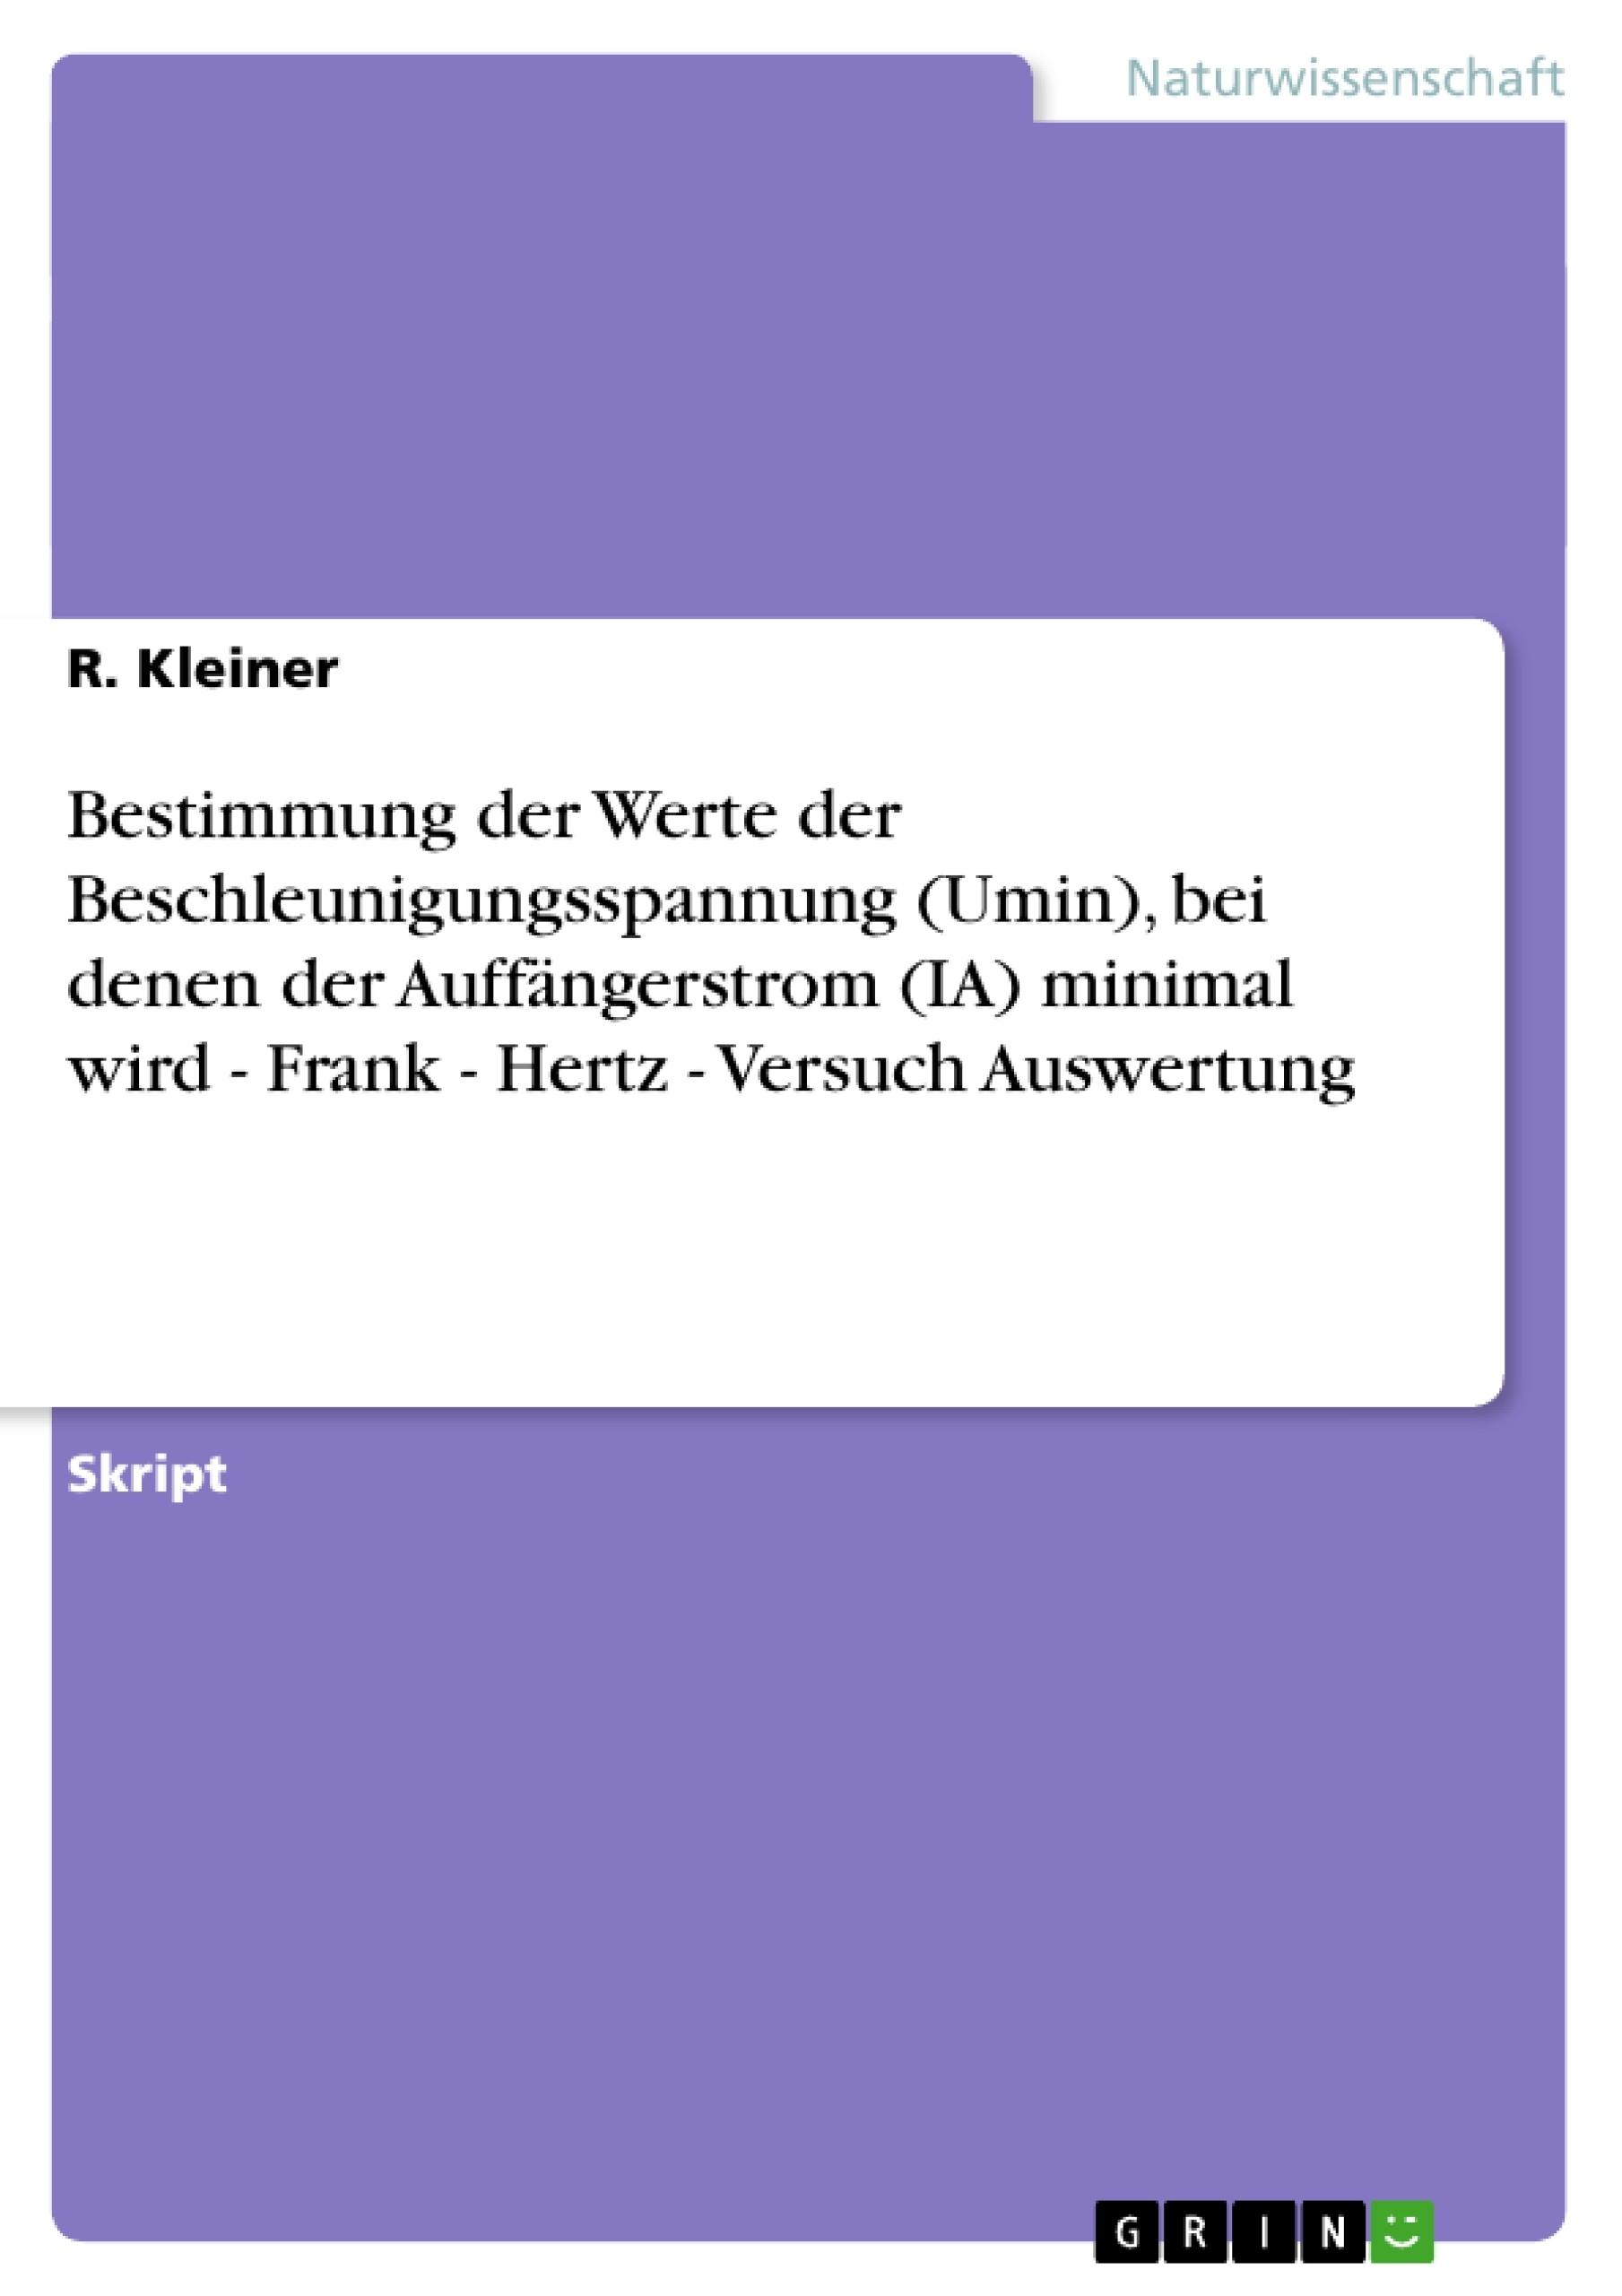 Titel: Bestimmung der Werte der Beschleunigungsspannung (Umin), bei denen der Auffängerstrom (IA) minimal wird - Frank - Hertz - Versuch  Auswertung